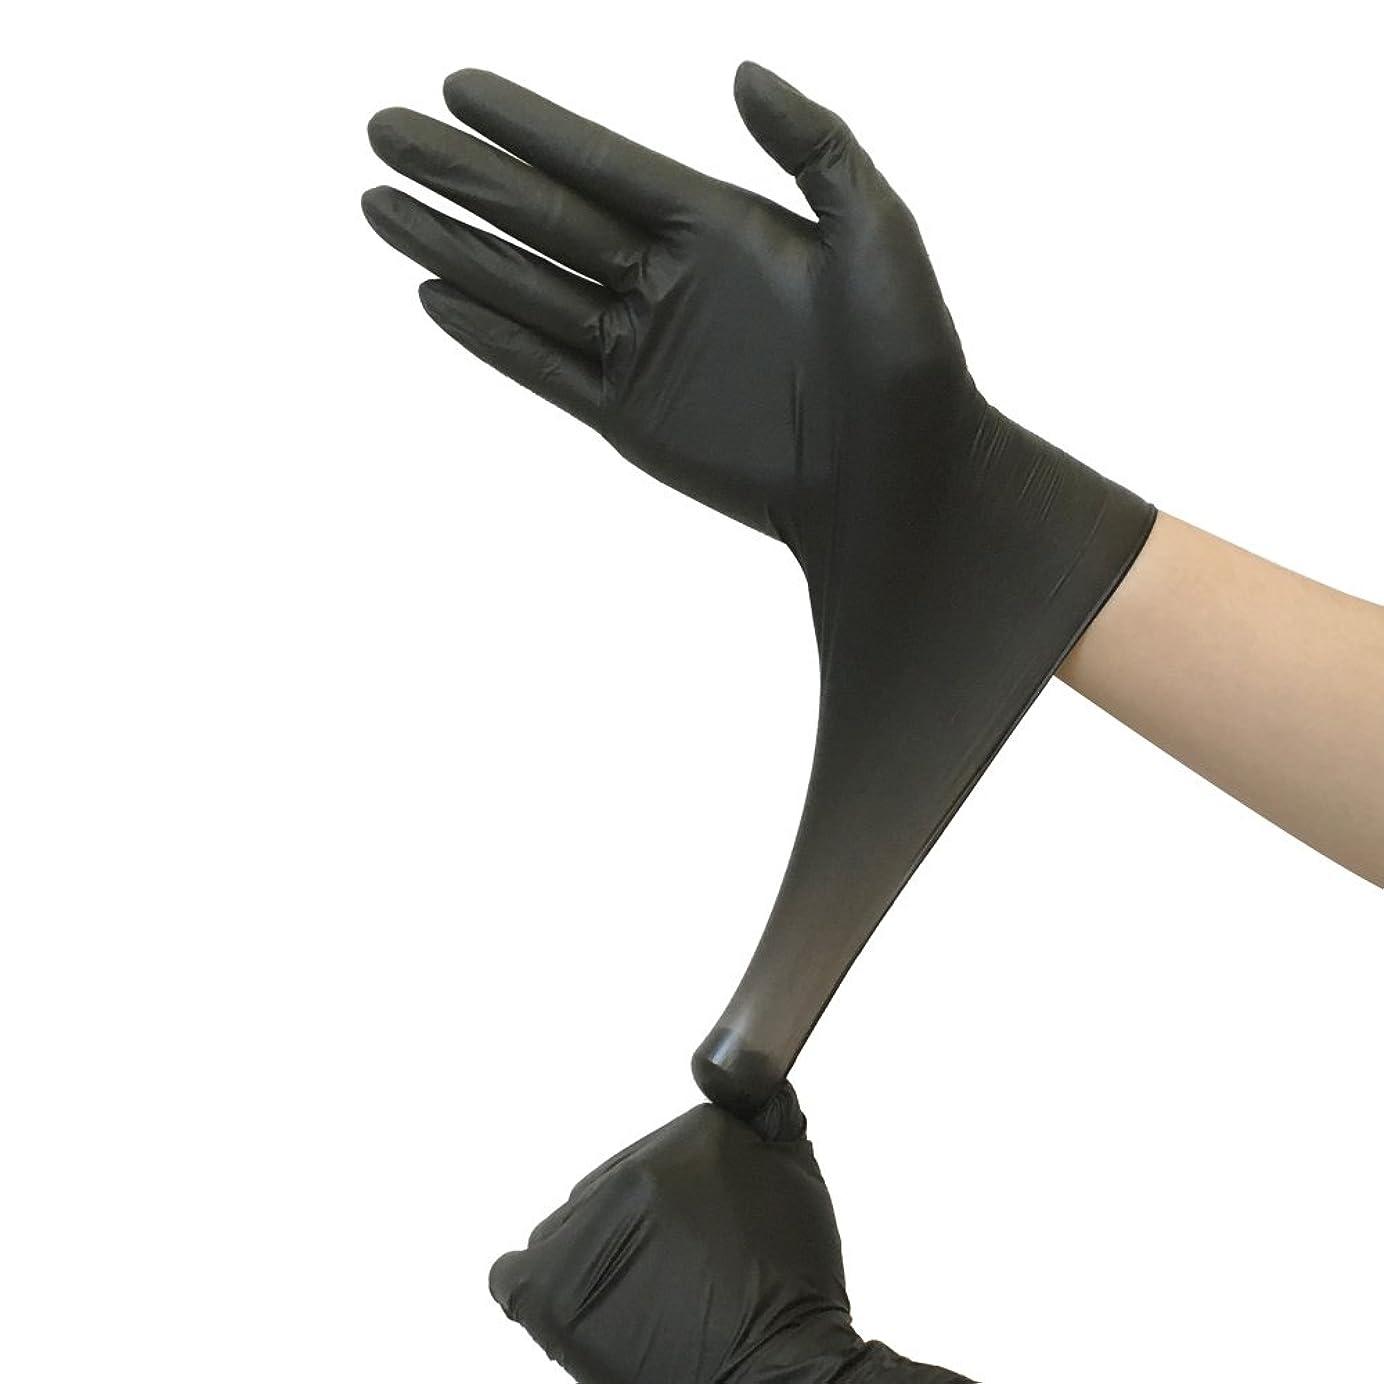 立ち向かうラダわずらわしいニトリル手袋??使い捨て手袋?粉なし ブラック (Mサイズ * 200枚)